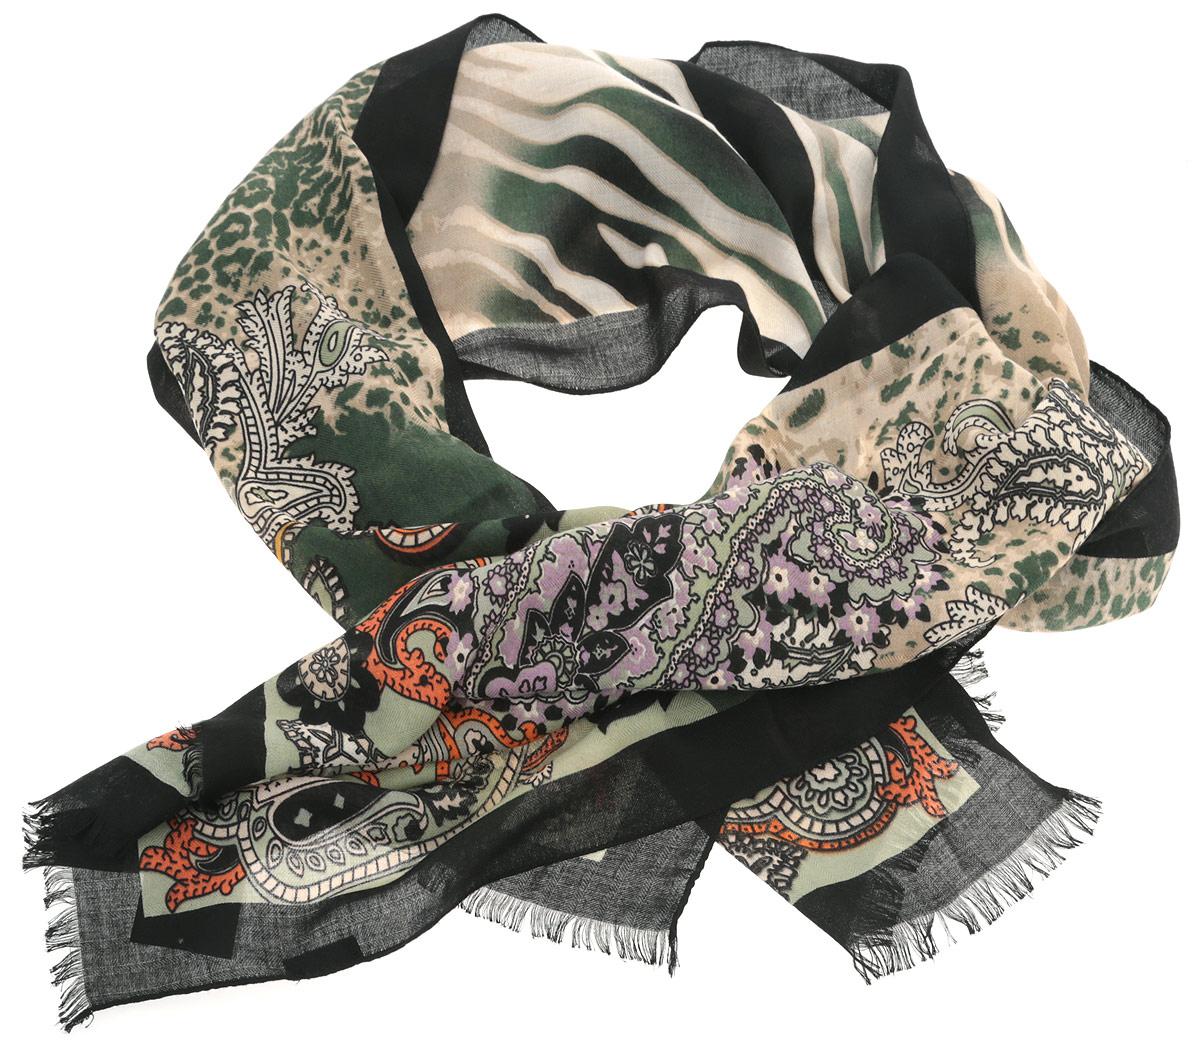 ШарфYGW028-1Потрясающий женский шарф Fabretti выполнен из шерсти в сочетании с вискозой и украшен актуальным узором пейсли. Края модели оформлены коротенькой бахромой. Великолепный женский шарф Fabretti станет вашим верным спутником, а окружающие обязательно будут обращать свое восторженное внимание на вас.